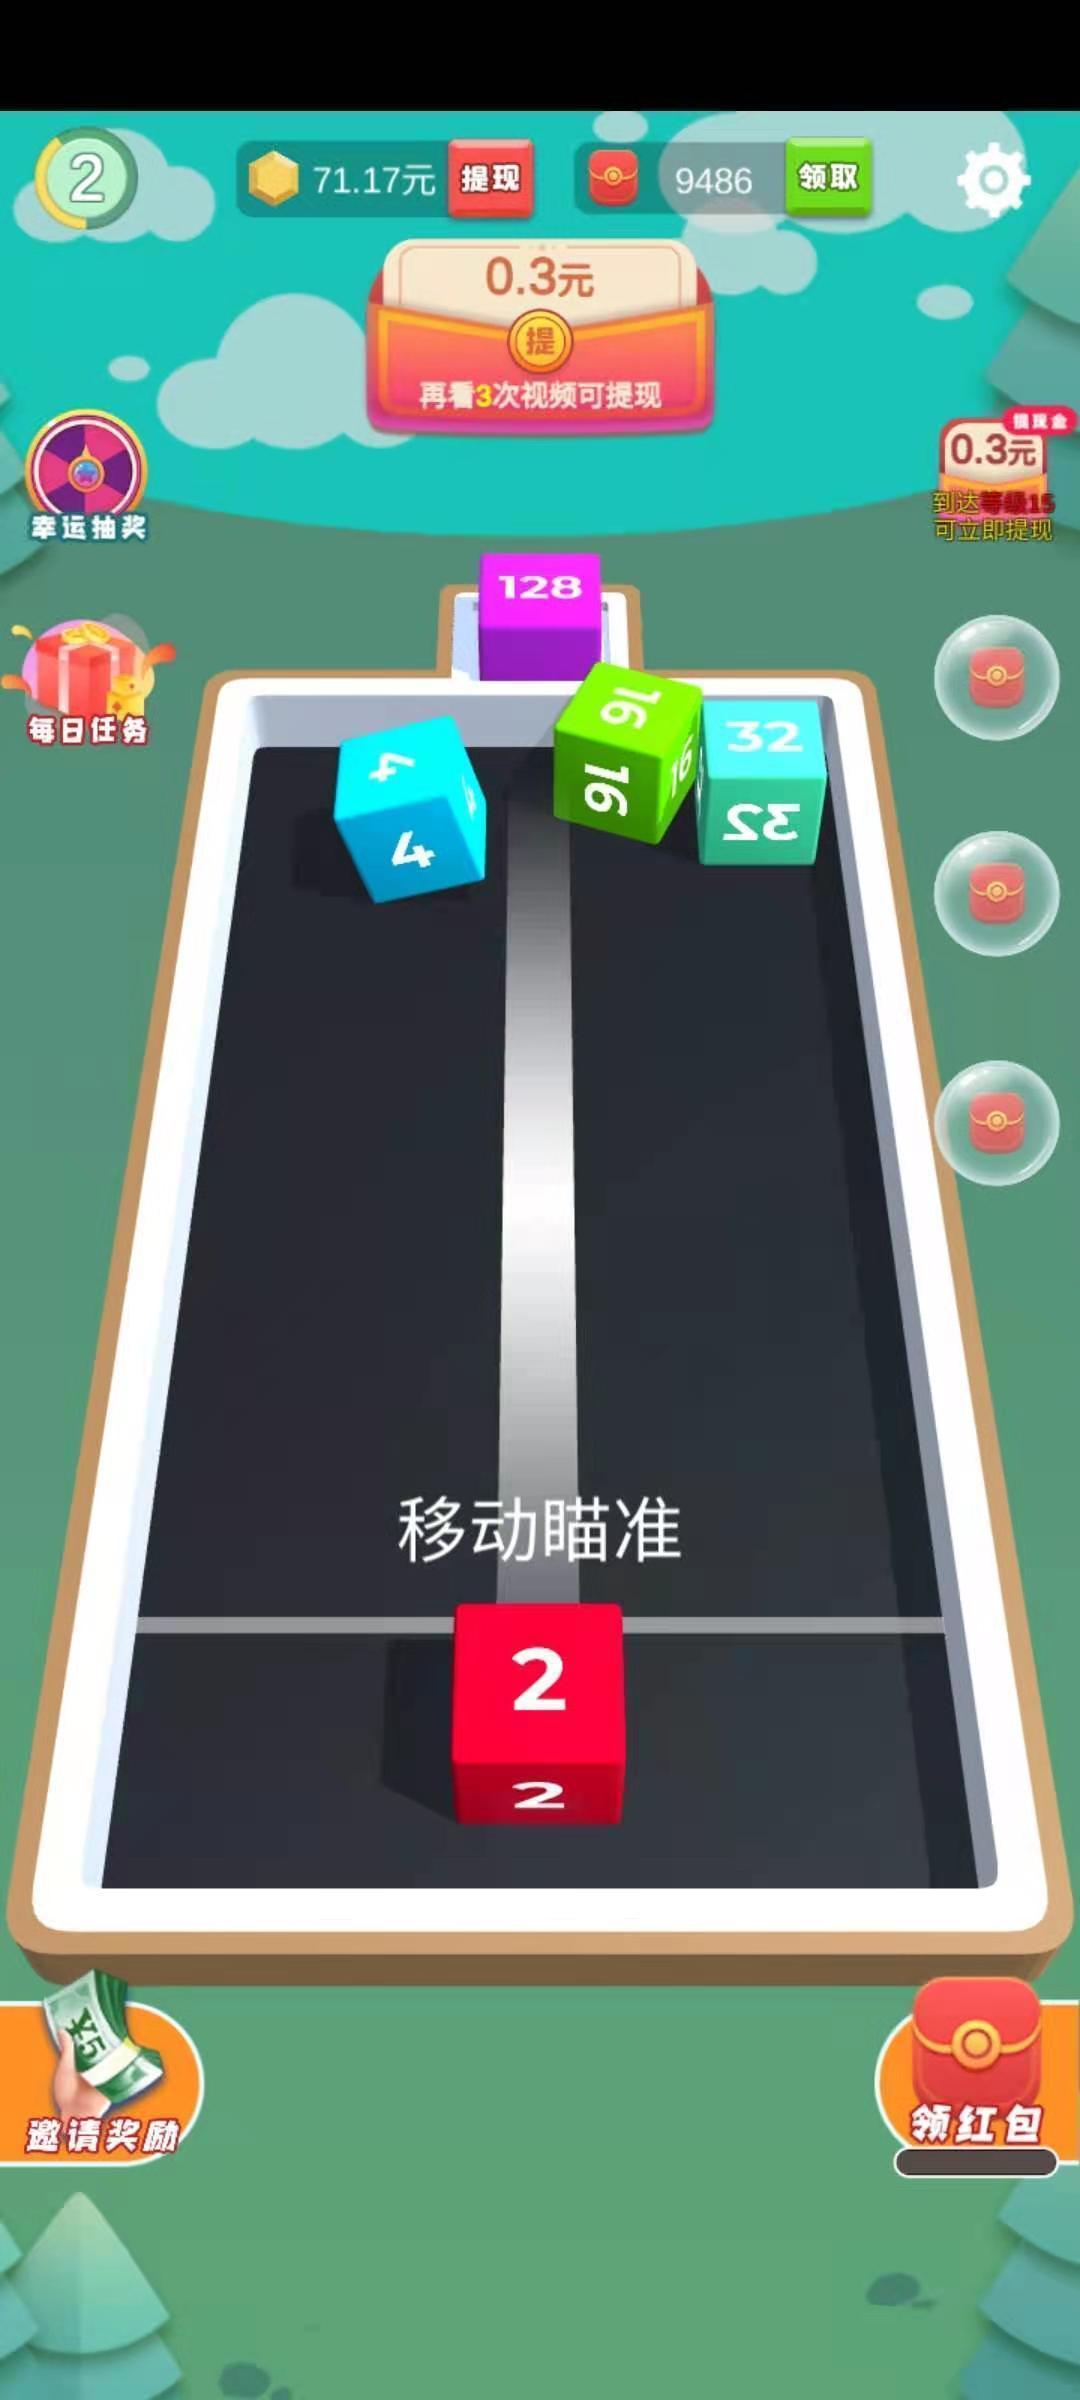 滚动方块红包版正版下载手机版官方2021图1: